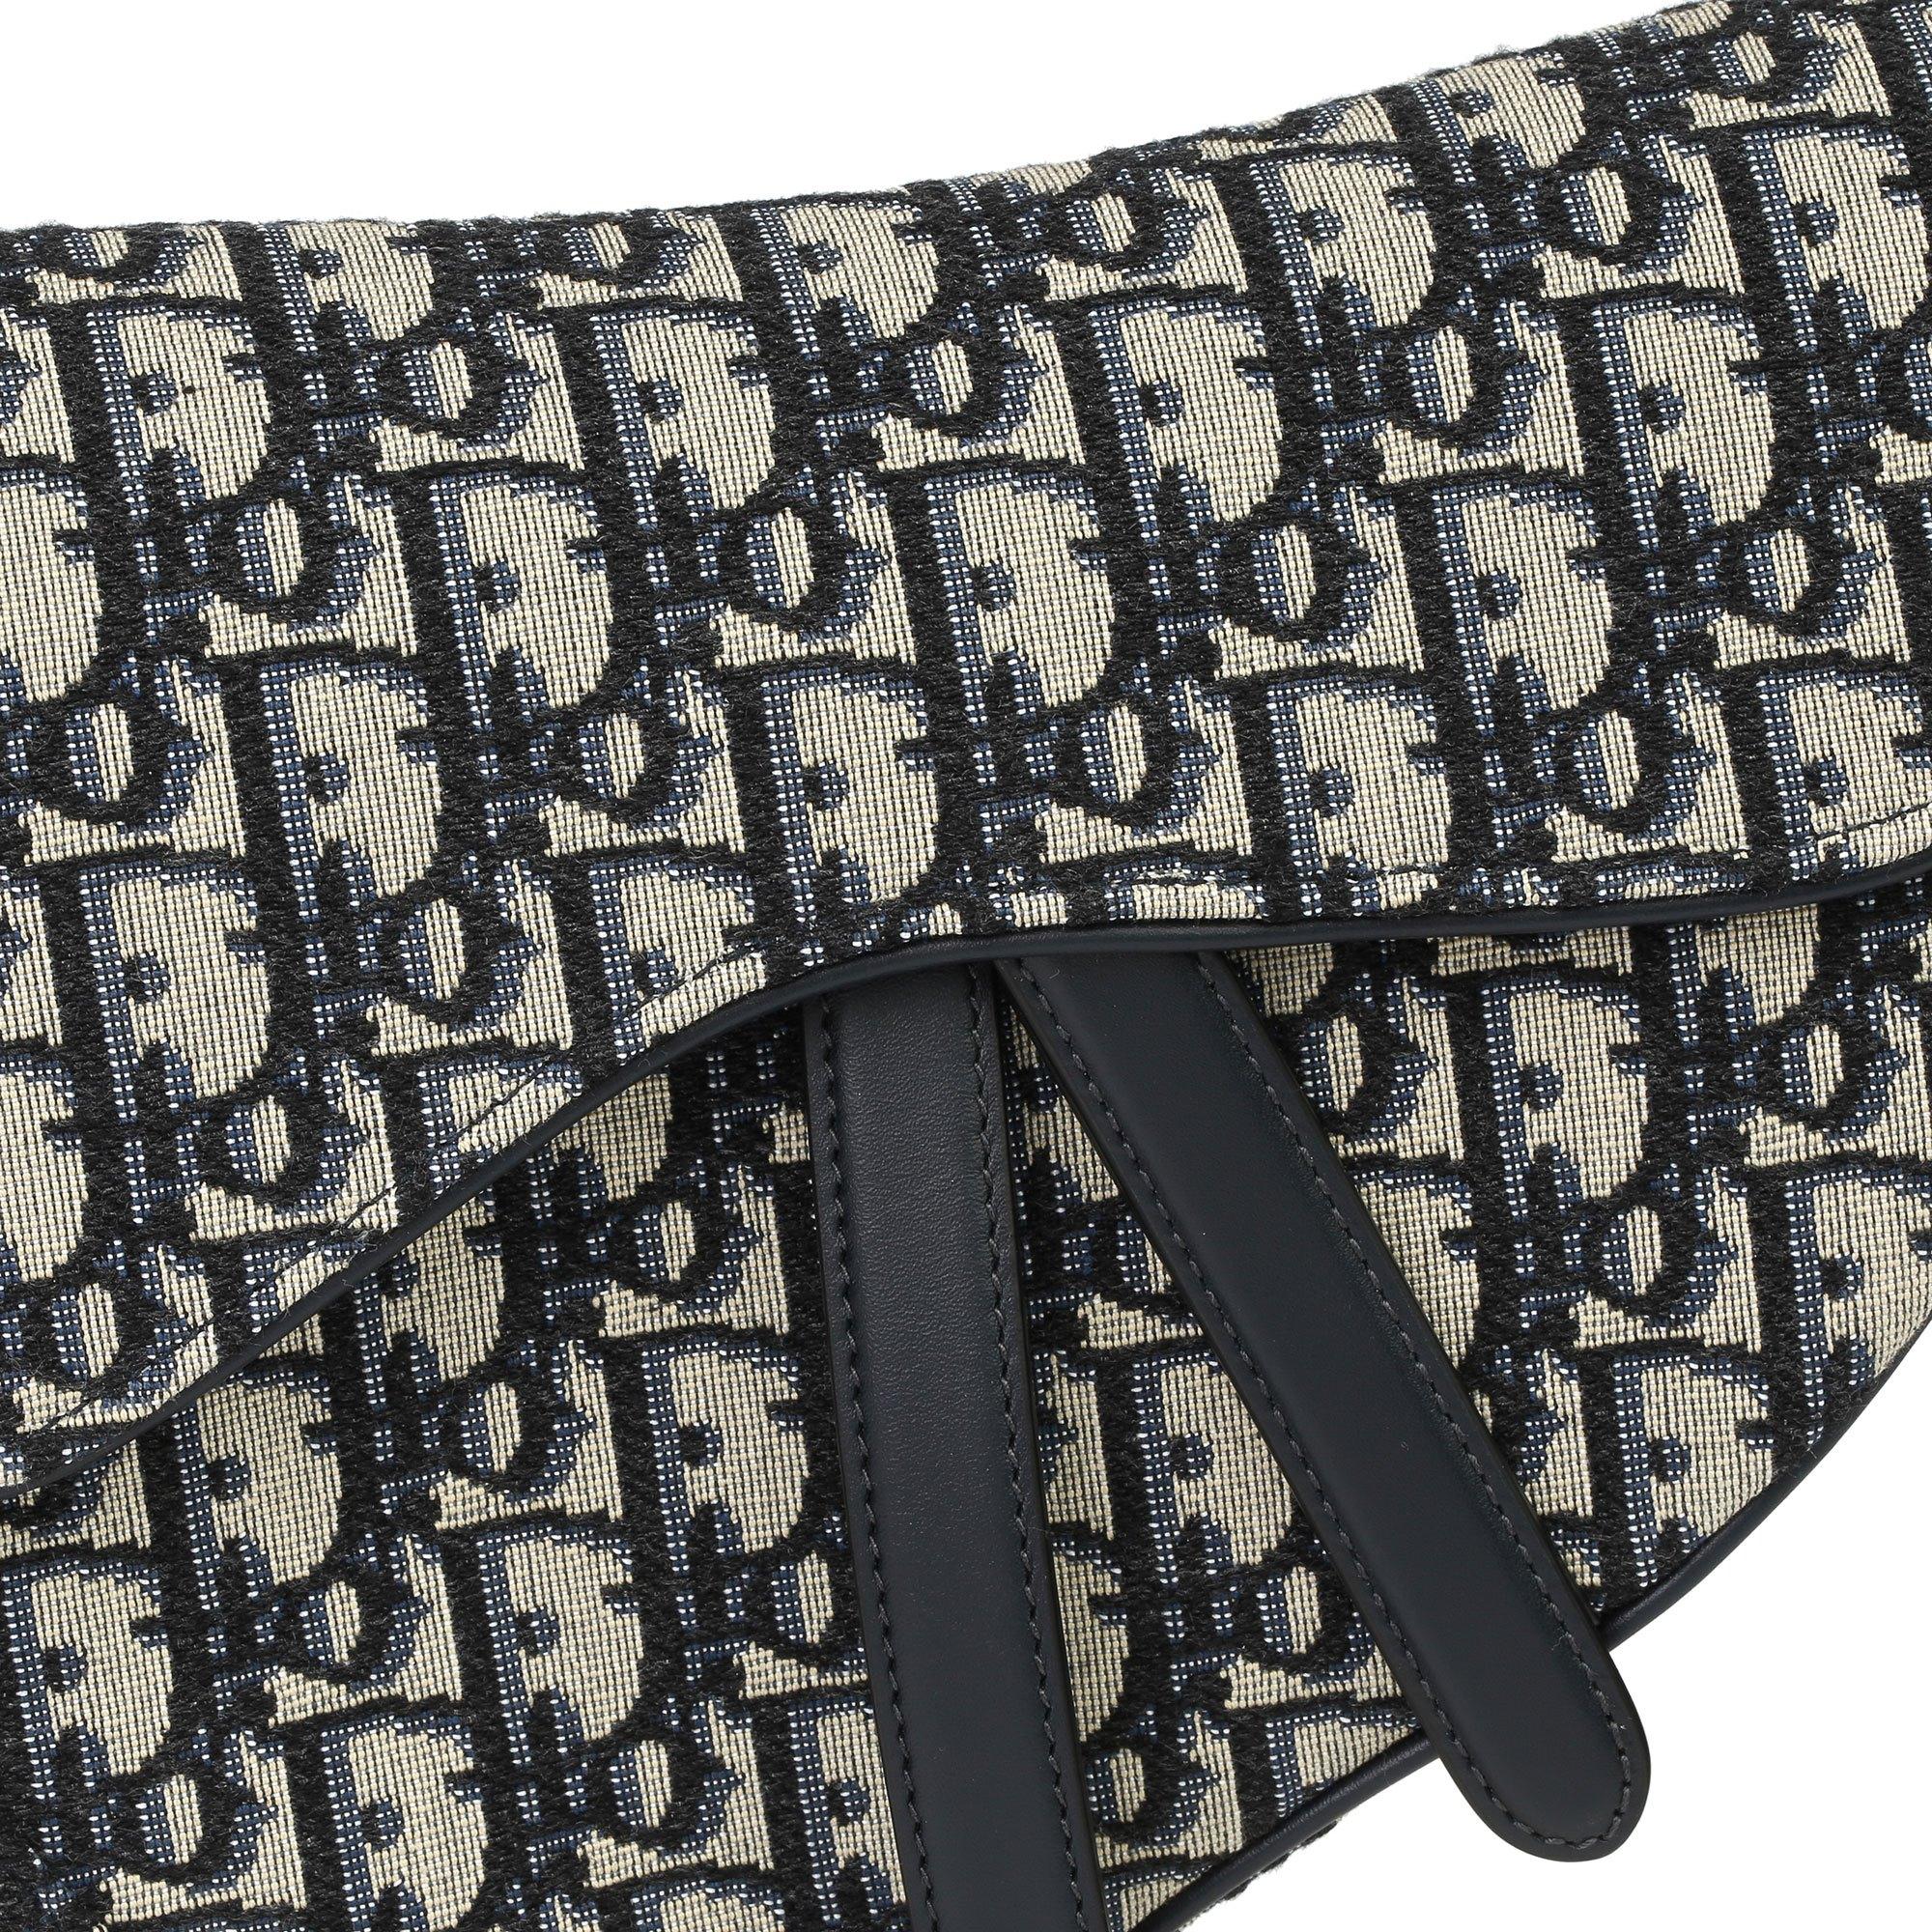 Christian Dior Blue Monogram Oblique Canvas & Calfskin Leather Saddle Bag with Shoulder Strap